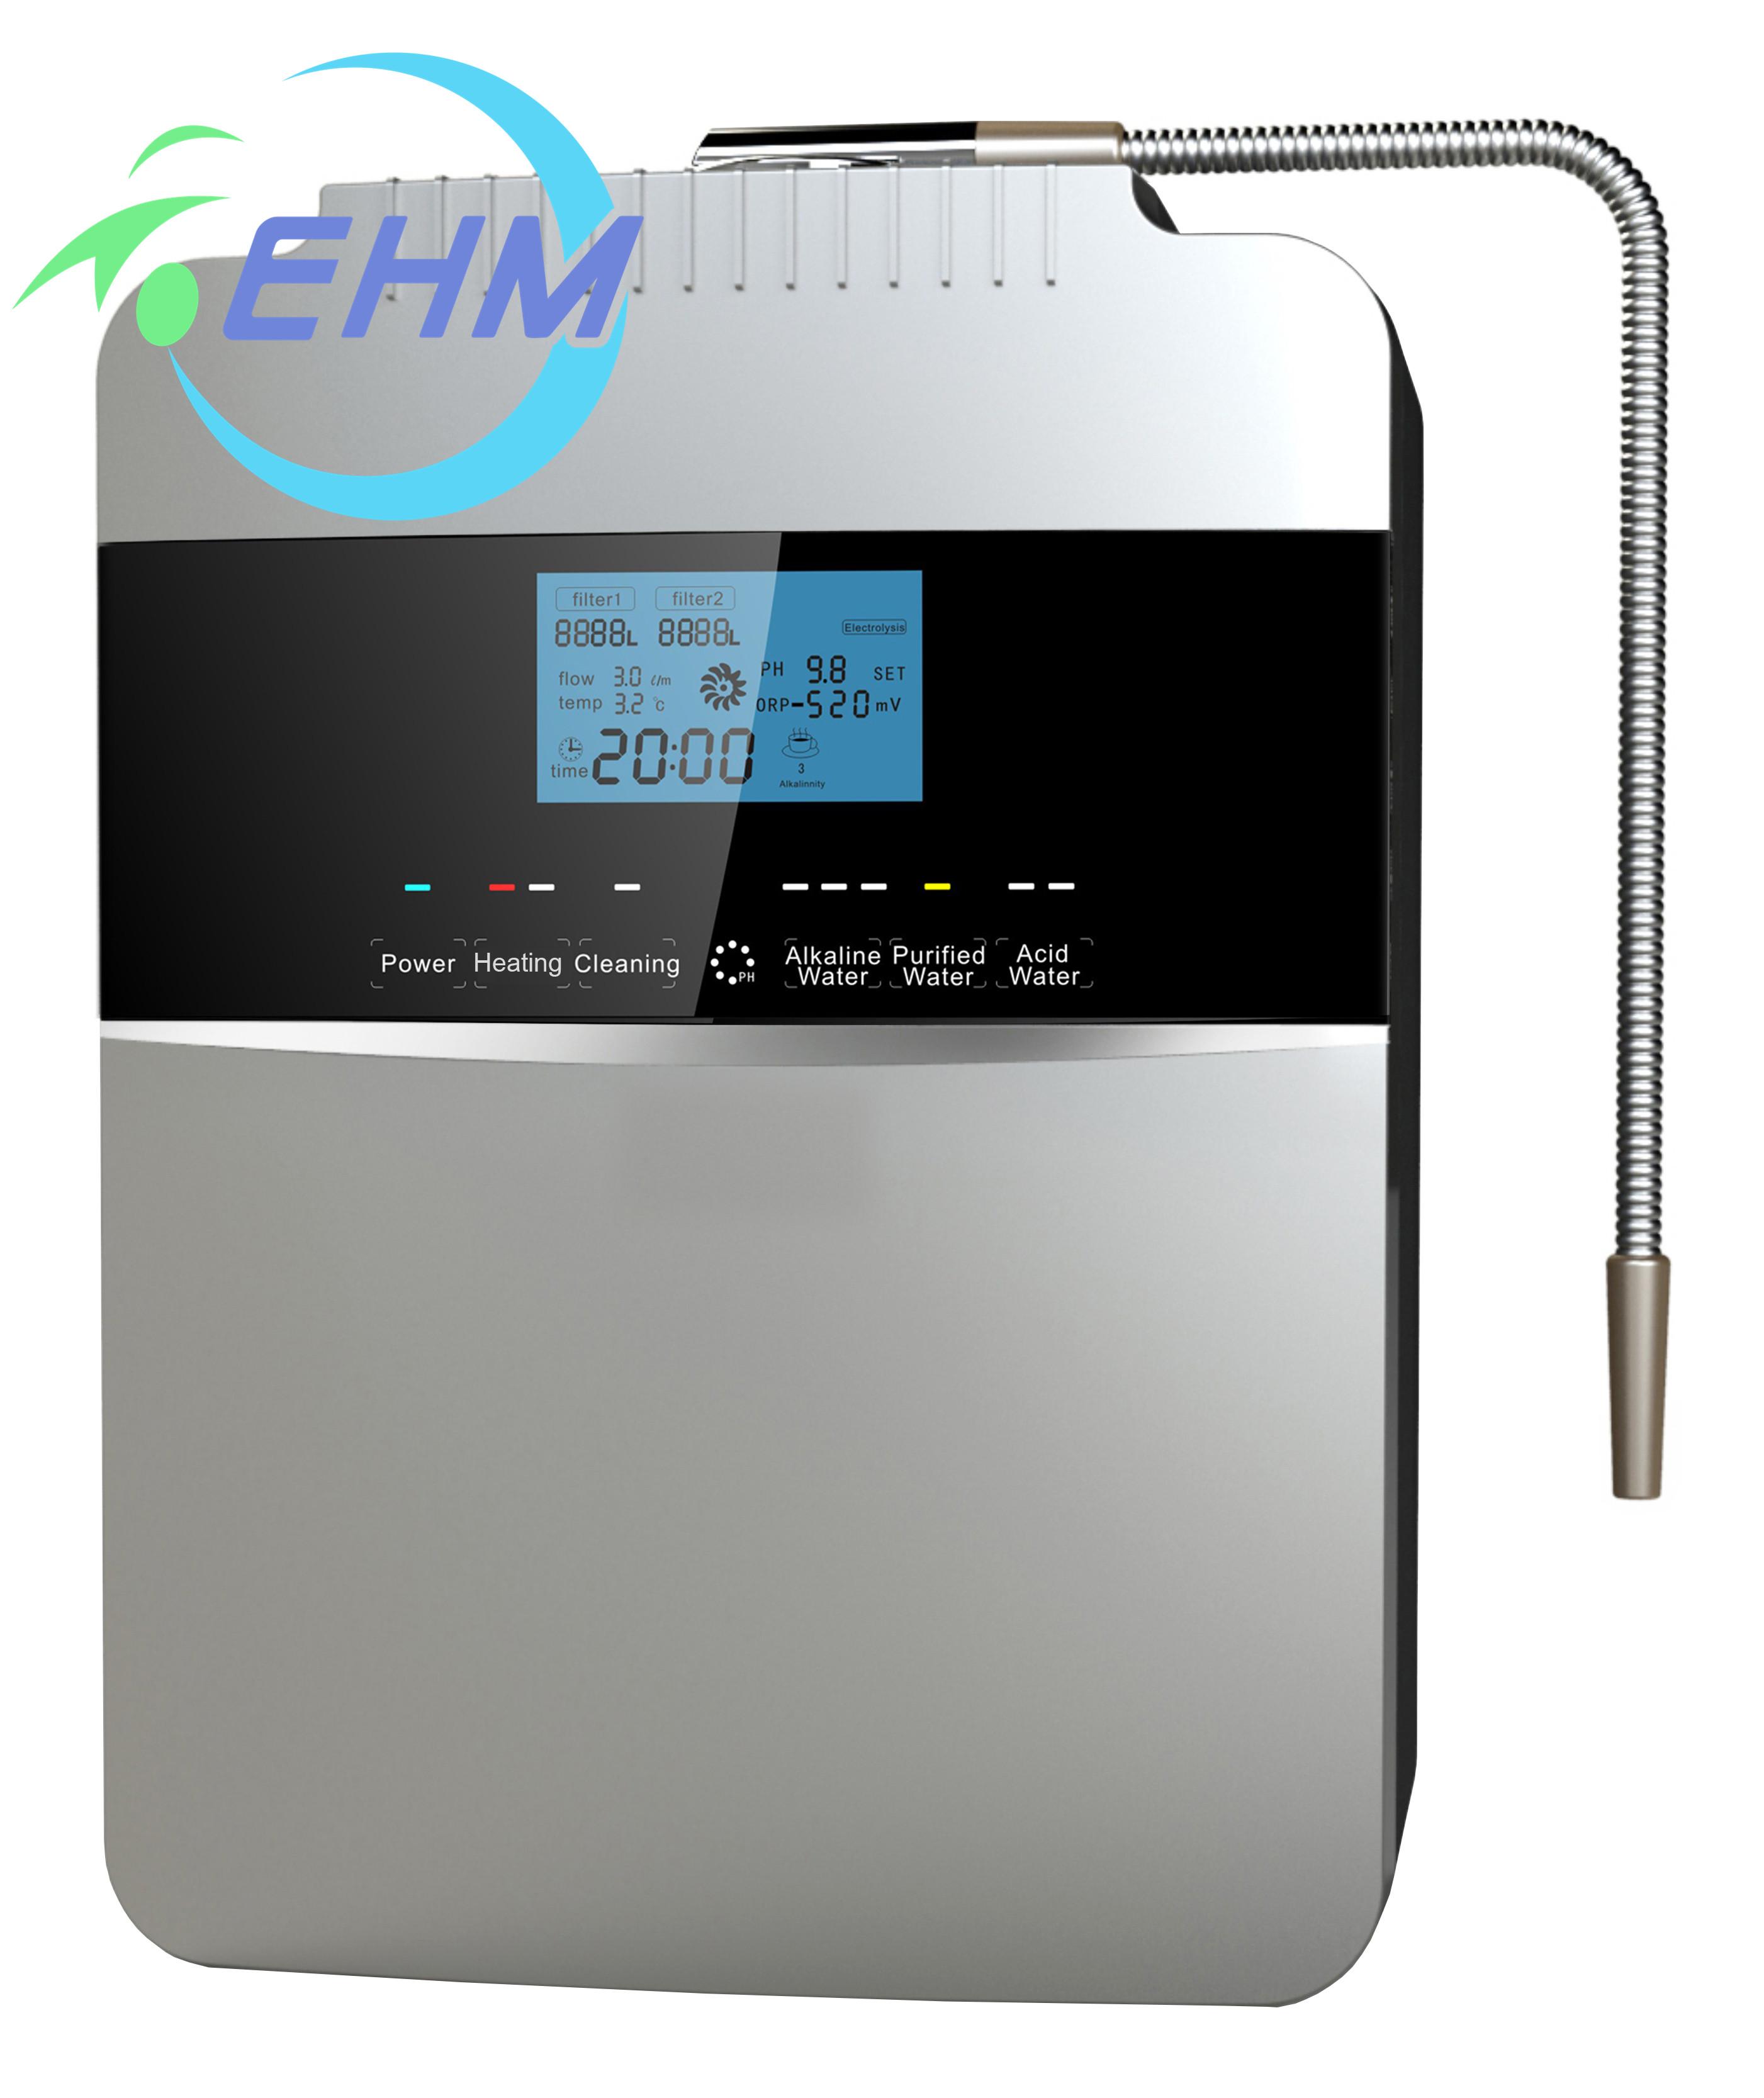 Роскошные Высокая производительность-восстановительного потенциала, концентрата эмульсии щелочной воды машина ионизированный) обеззараживания воды с 8 пластин